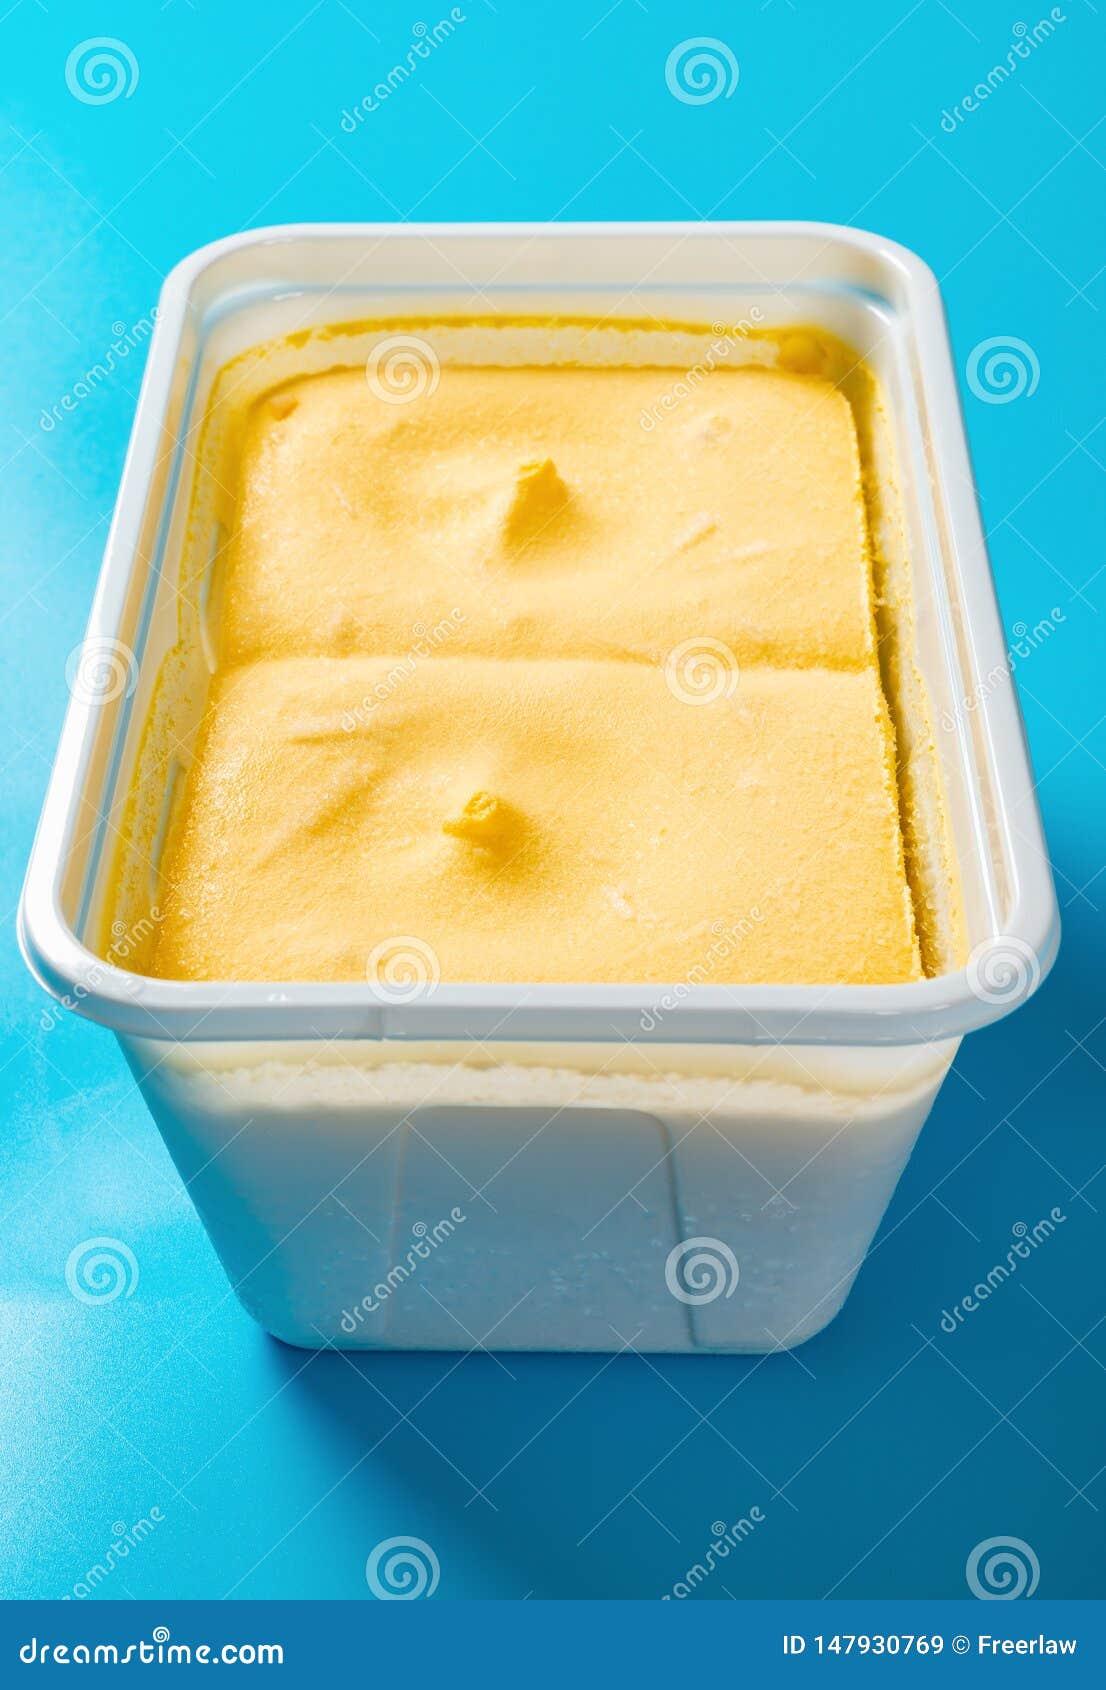 Ask av mangoanstrykningglass på vertikal sammansättning för blå bakgrund